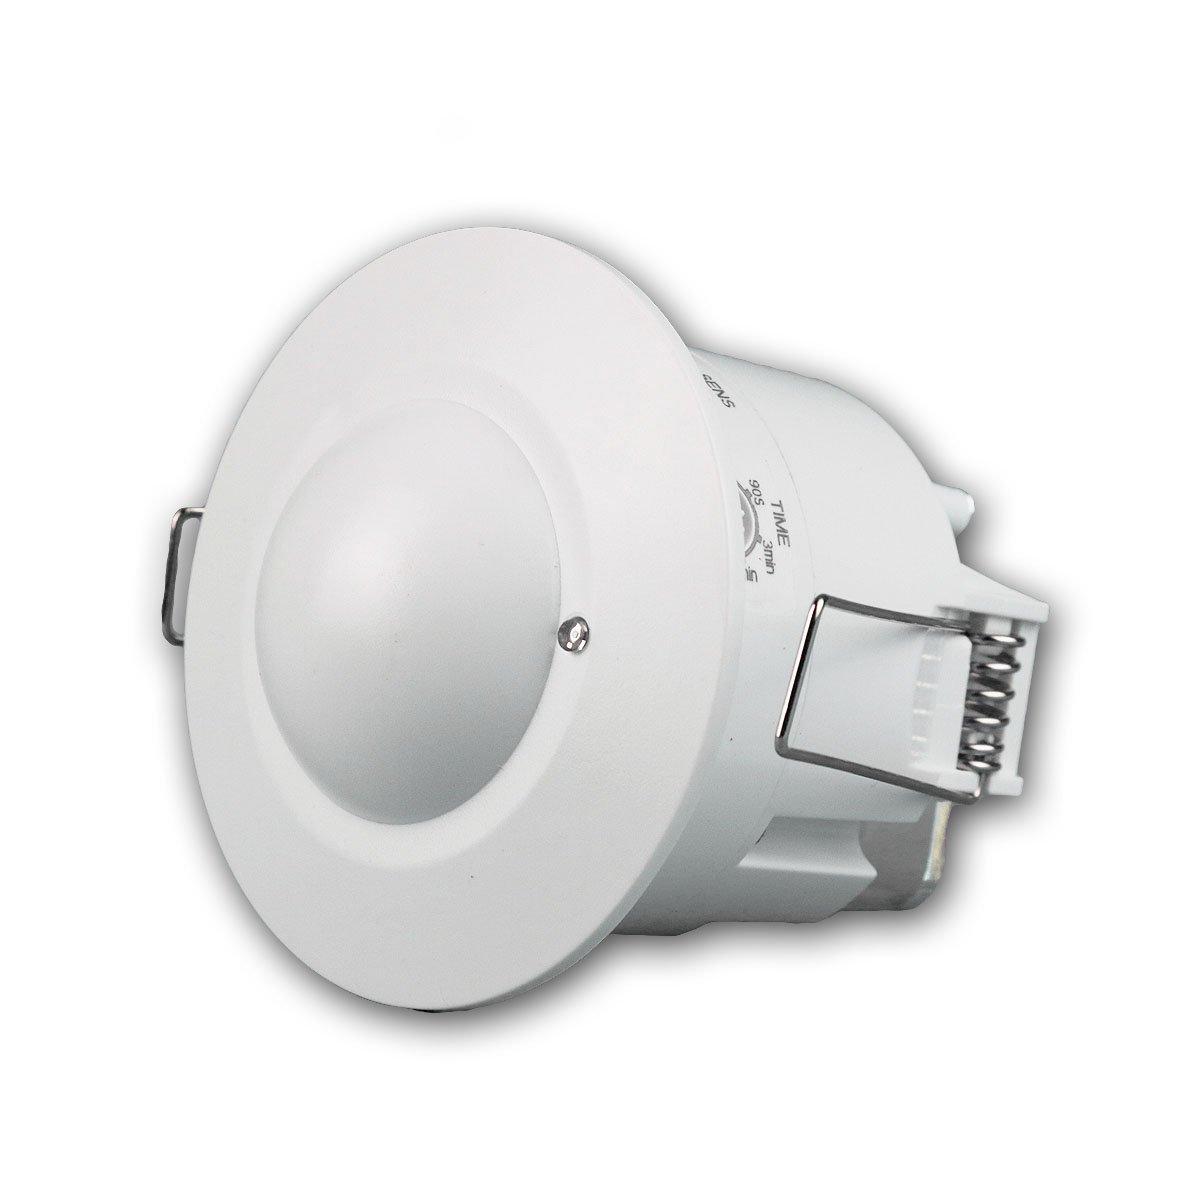 Decken-Einbau-Bewegungsmelder 360° flach LED geeignet einstellbar 6m Detektion weiß 230V (Infrarot Slim) ChiliTec GmbH